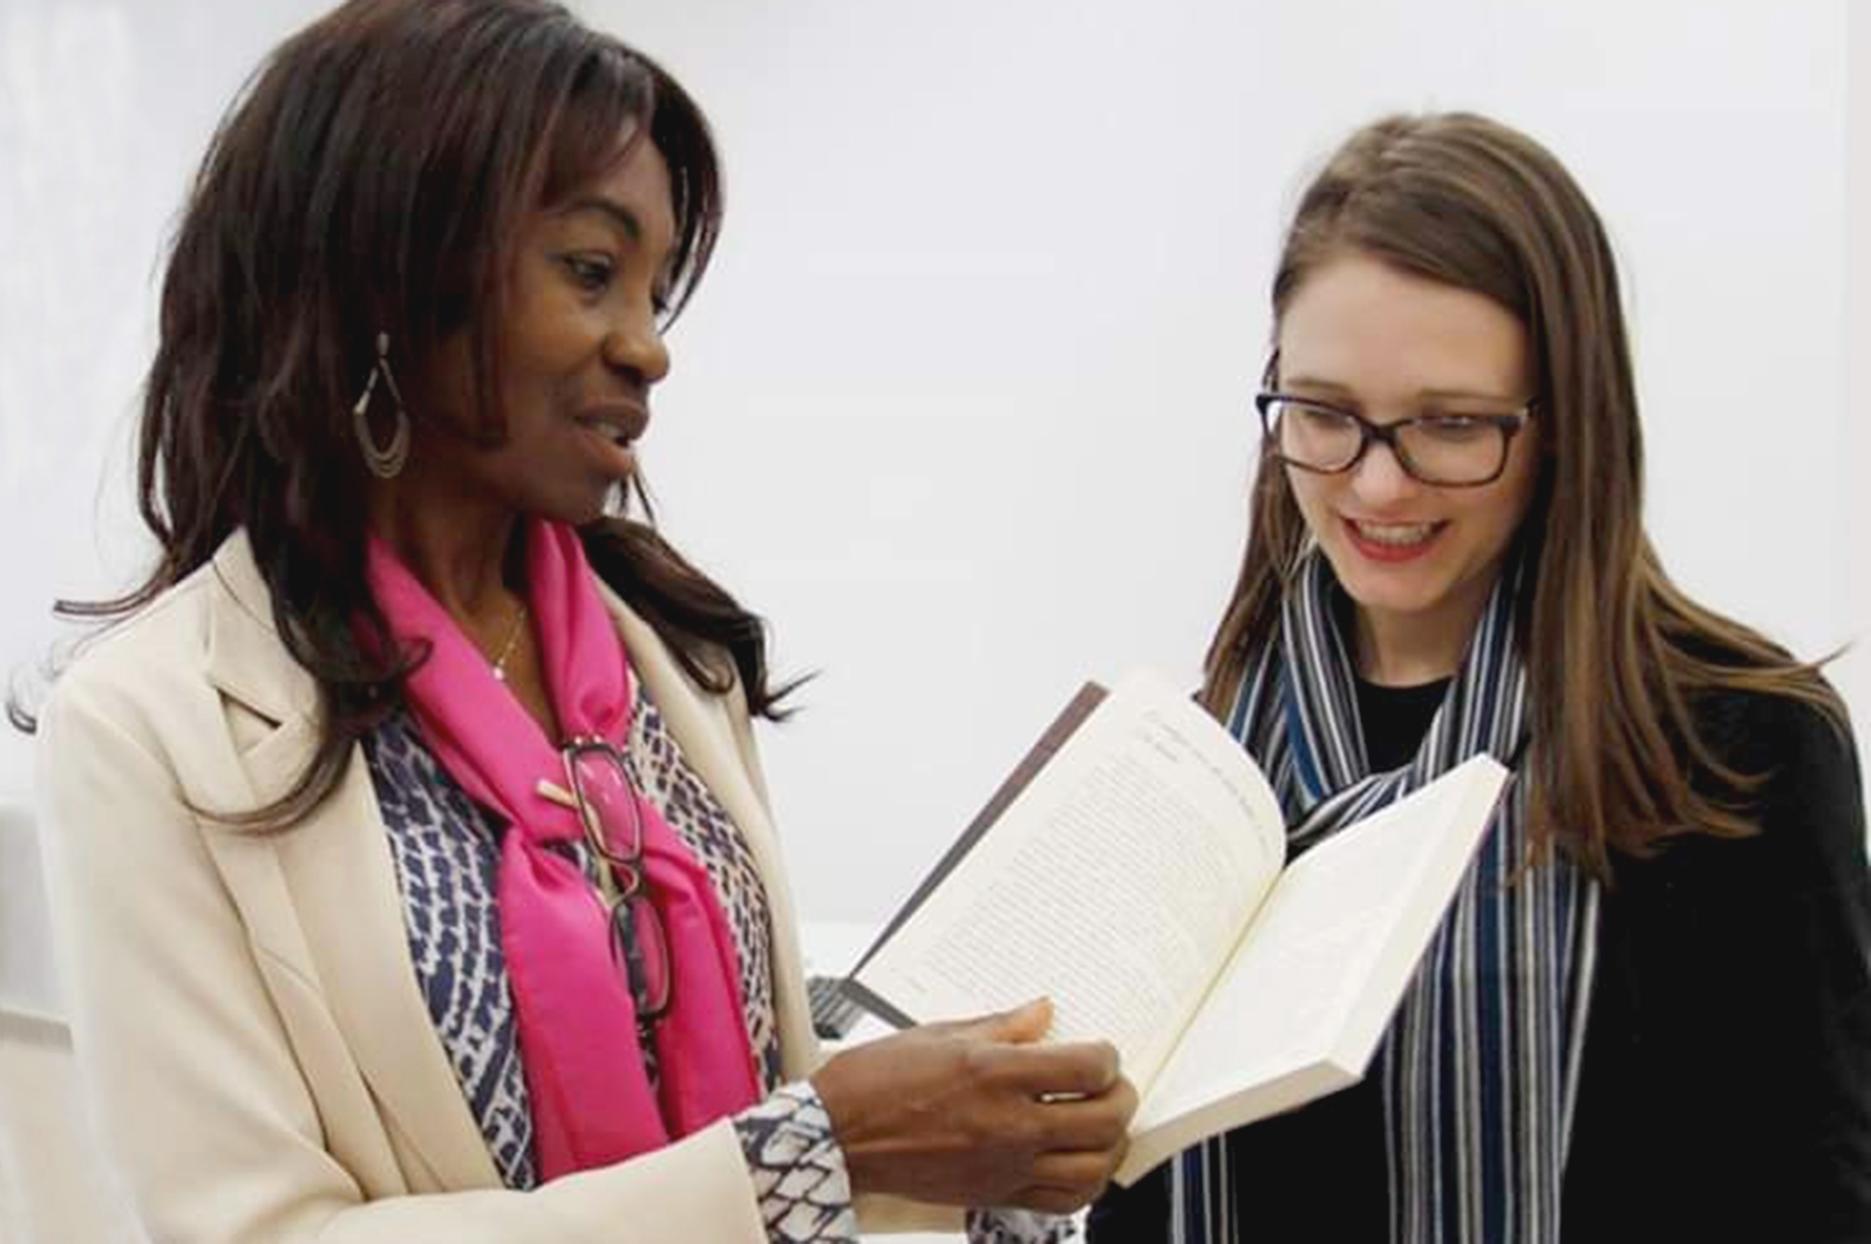 Biblioteca promove curso de capacitação em junho